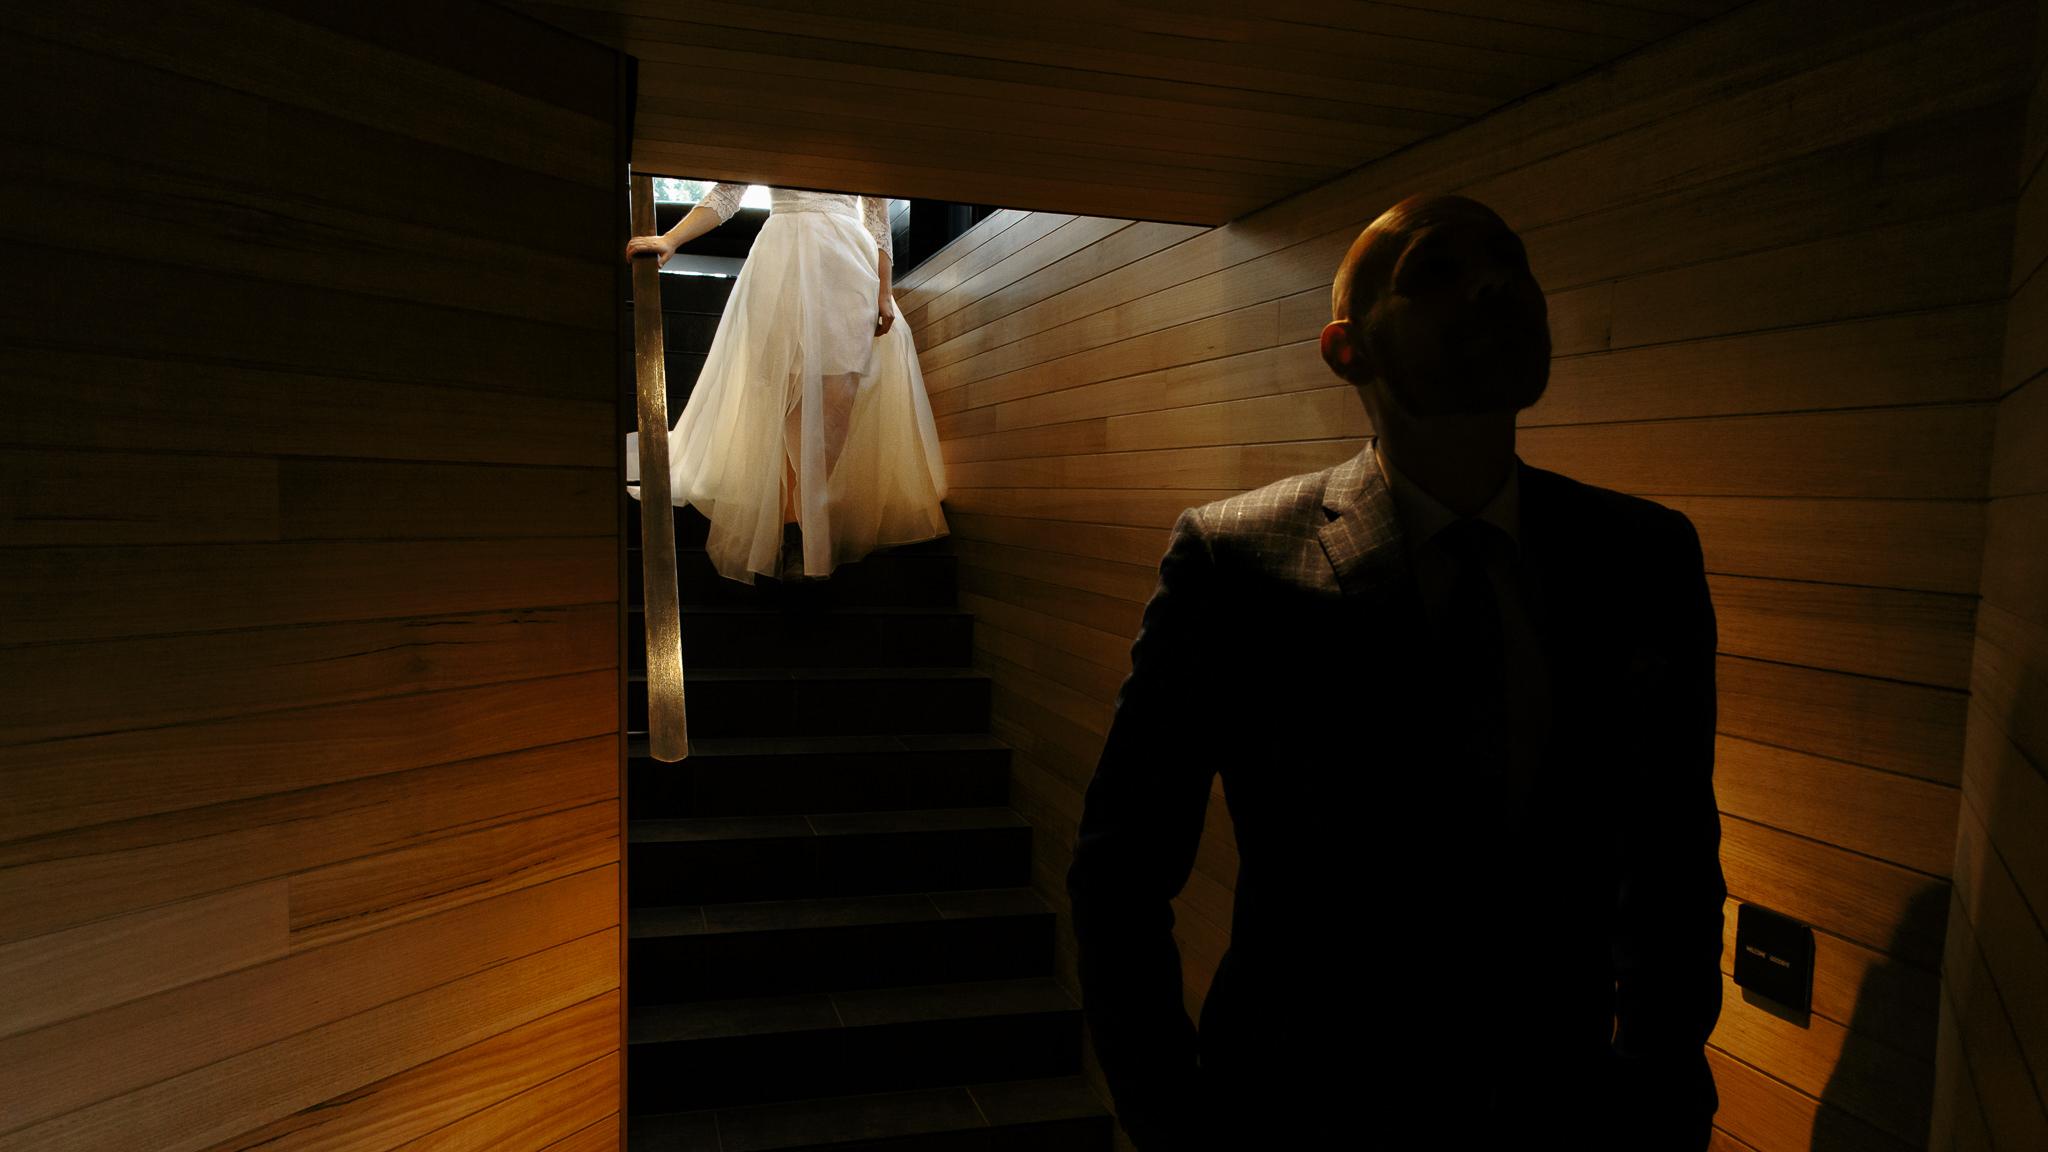 Pumphouse_Point_wedding_photography_elopement612.JPG